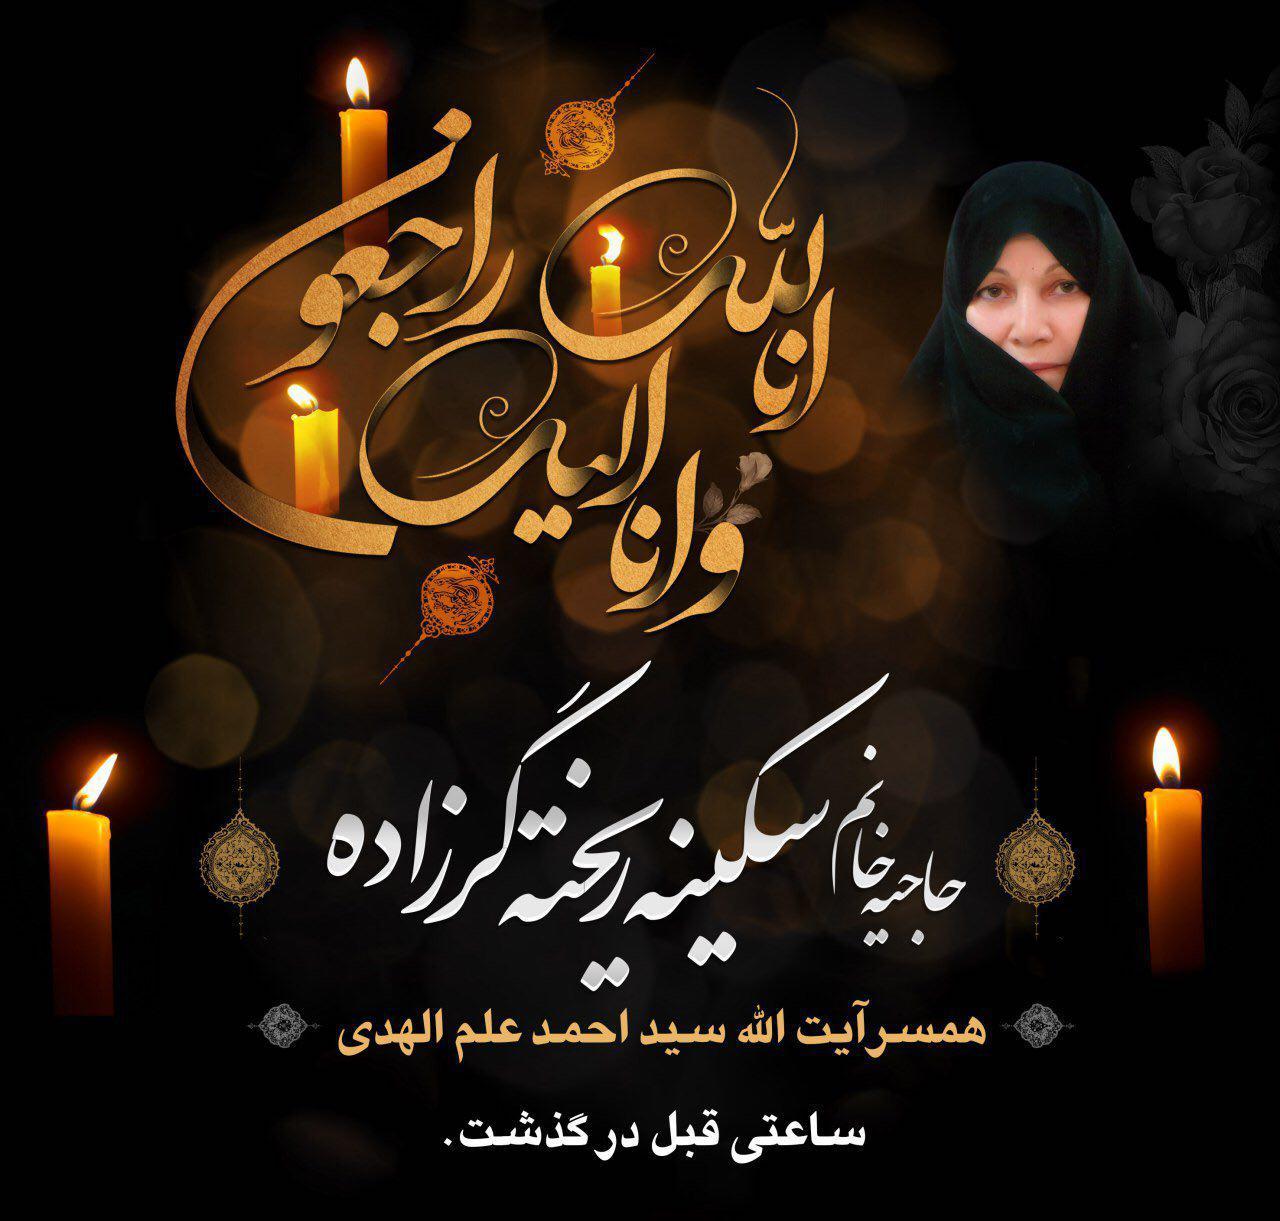 همسر آیت الله علم الهدی نماینده، ولی فقیه در خراسان رضوی در گذشت